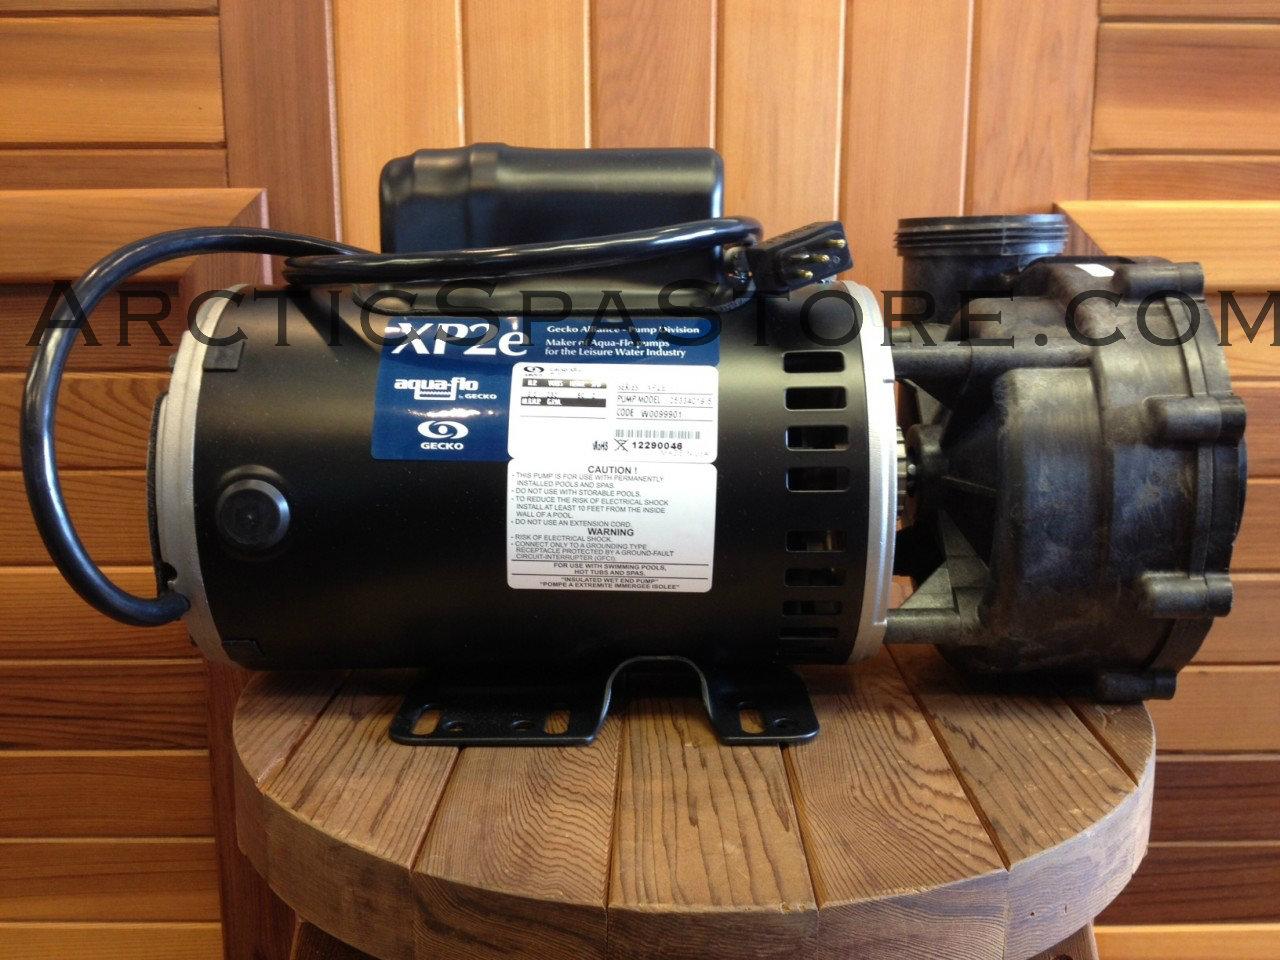 hight resolution of arctic spa pump 2 sd on aqua flo impeller aquaflow pumps flowmaster pumps aqua flo pump wiring diagram